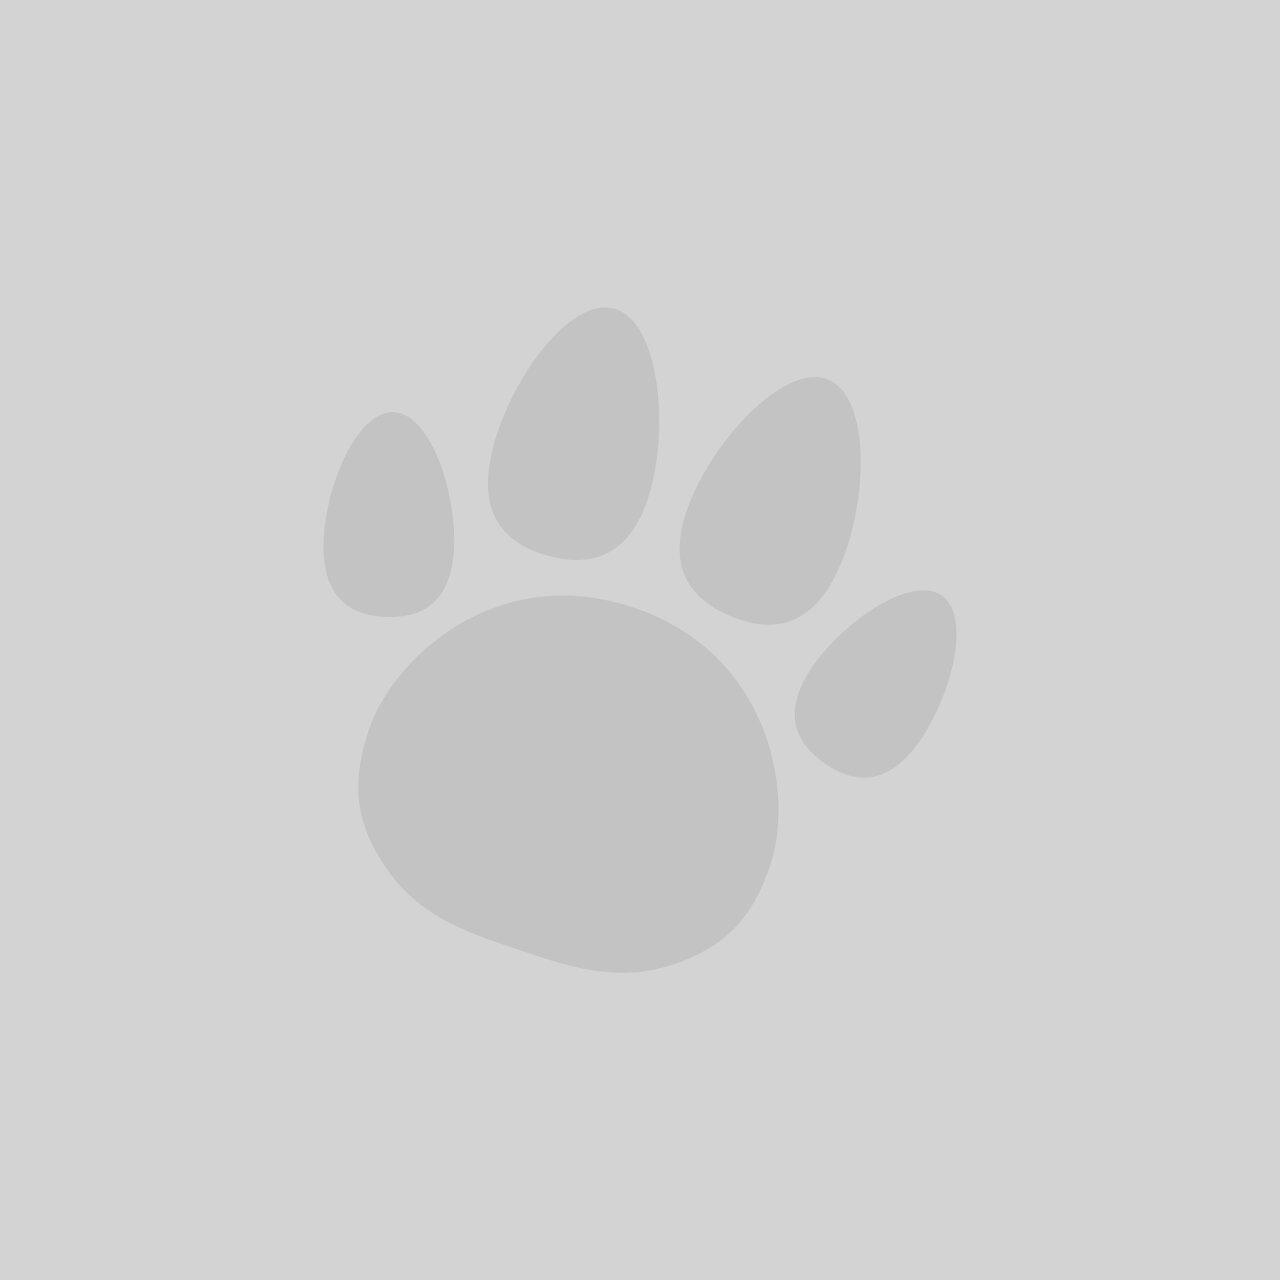 Beaphar Tick Removal Kit